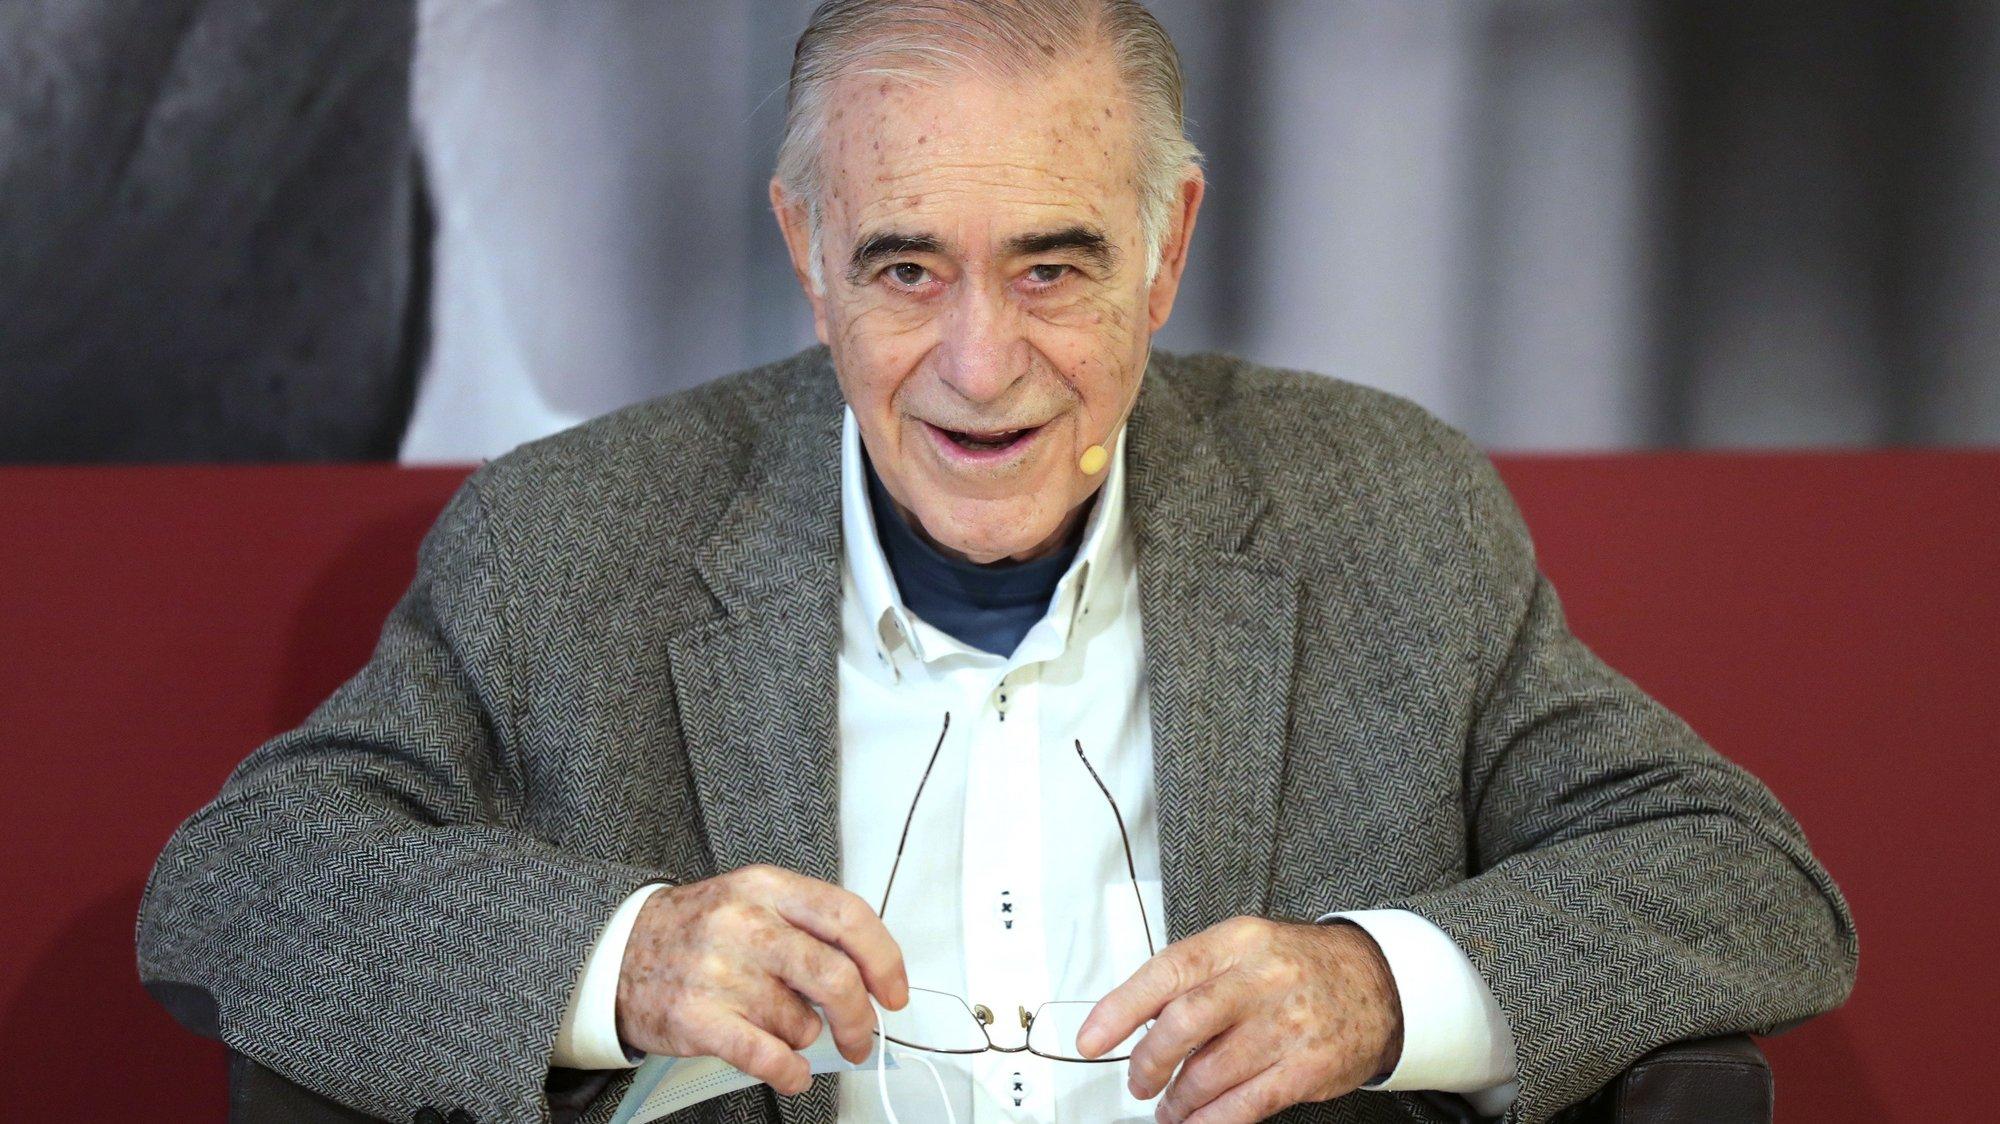 Mário Zambujal, autor homenageado na 13.º edição do Festival Escritaria promovida pela Câmara Municipal de Pernafiel, realizada no Museu Municipal de Penafiel, 23 de outubro de 2020. ESTELA SILVA/LUSA